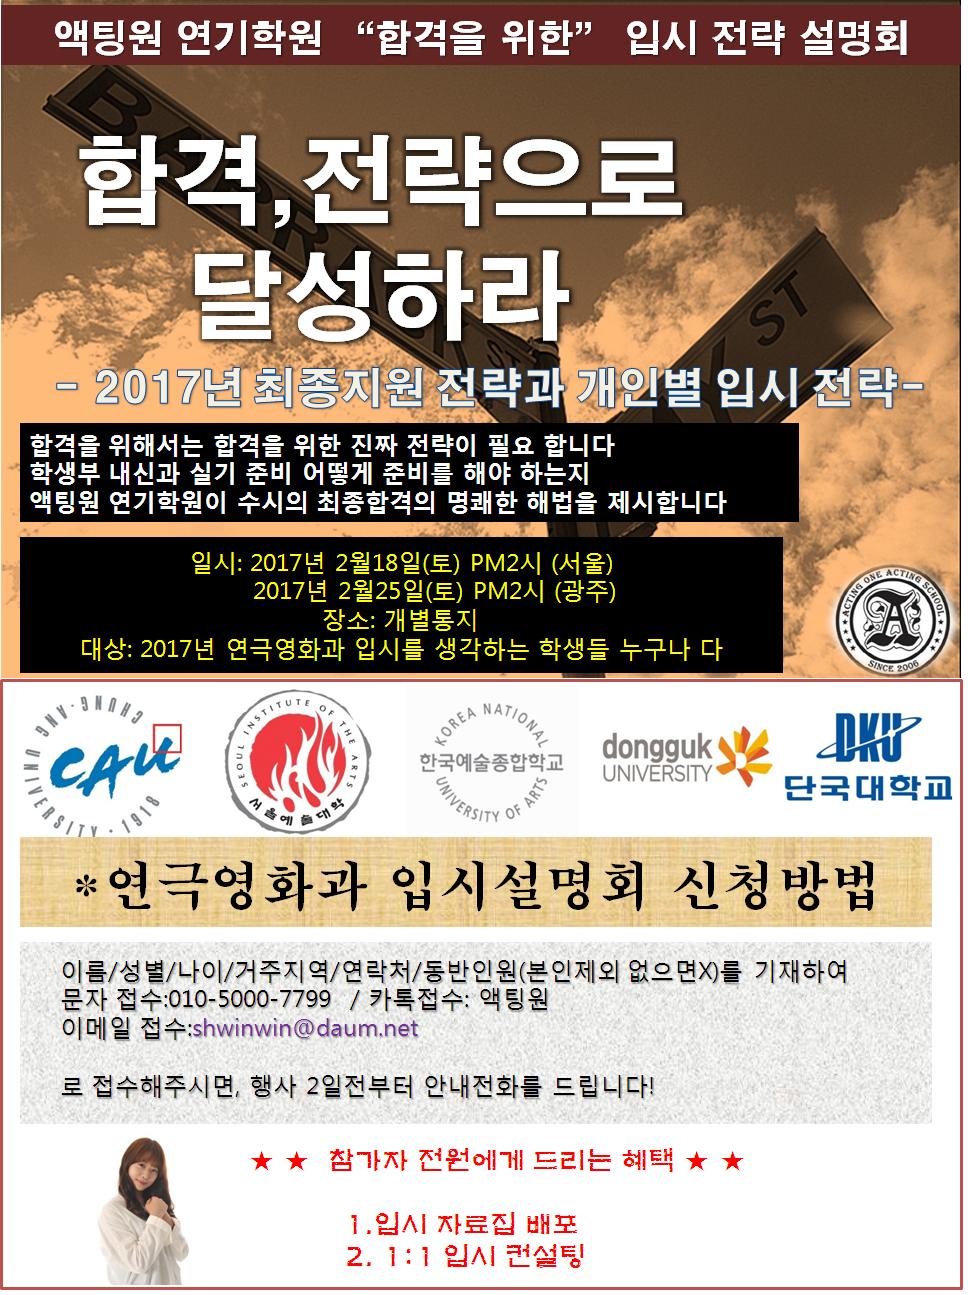 연극영화과 입시 전략 설명회 수정.PNG